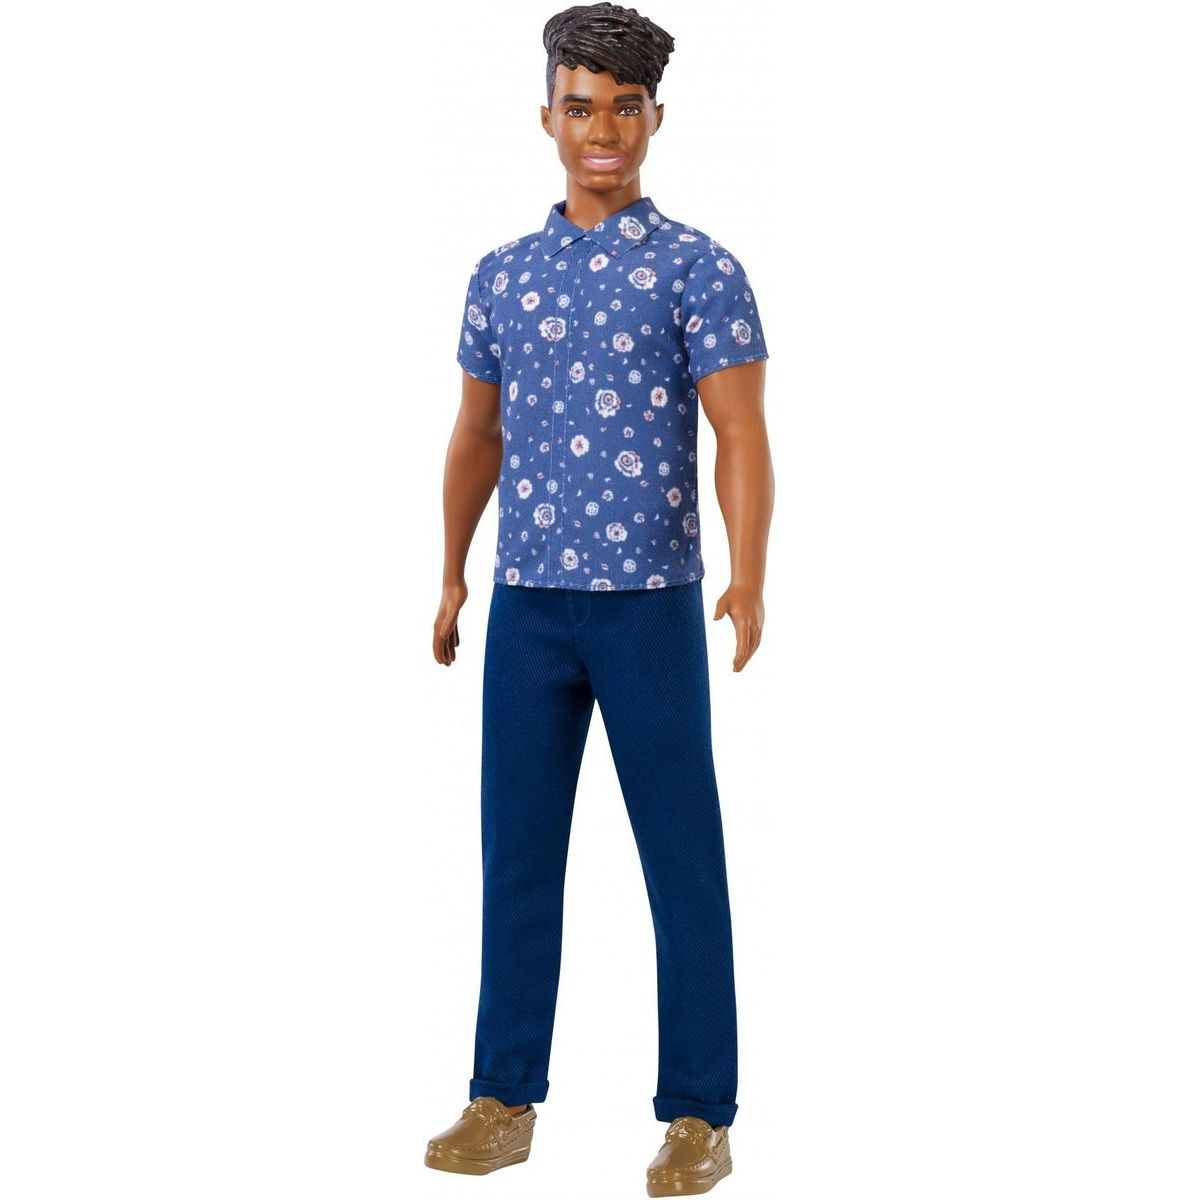 Mattel Barbie model Ken 114